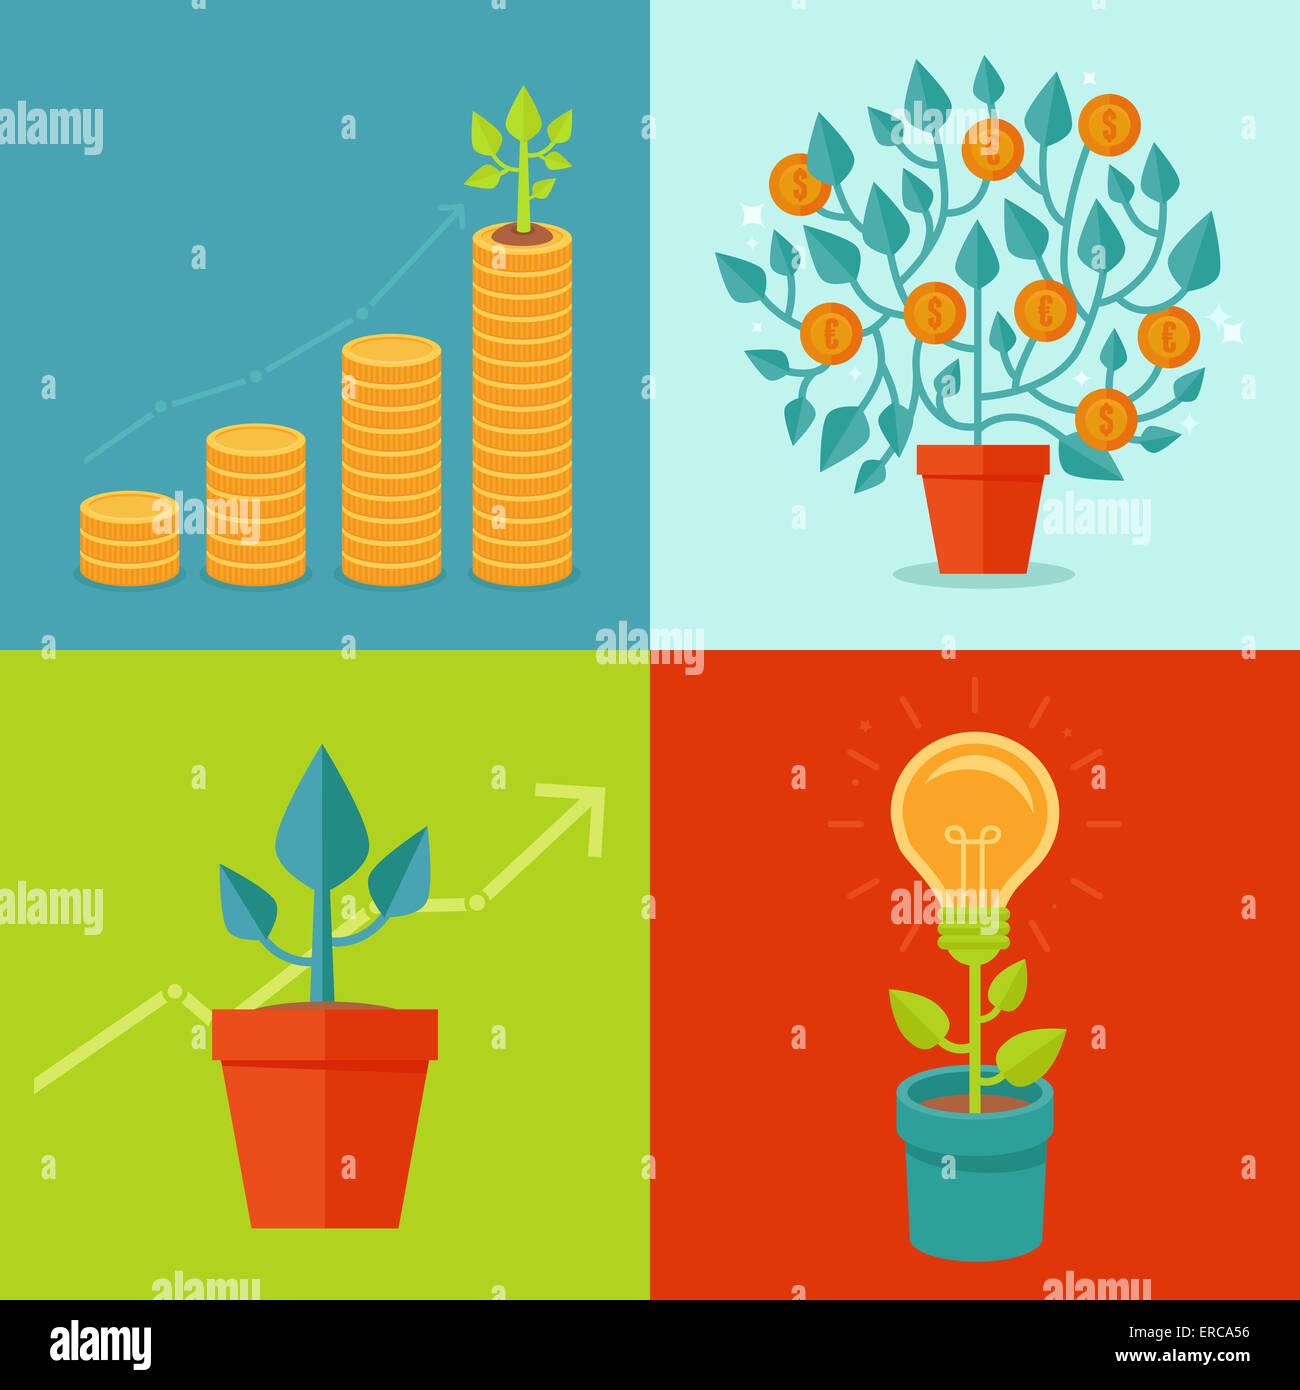 Concetti di crescita in stile piatto - illustrazioni relative al progresso e allo sviluppo Immagini Stock